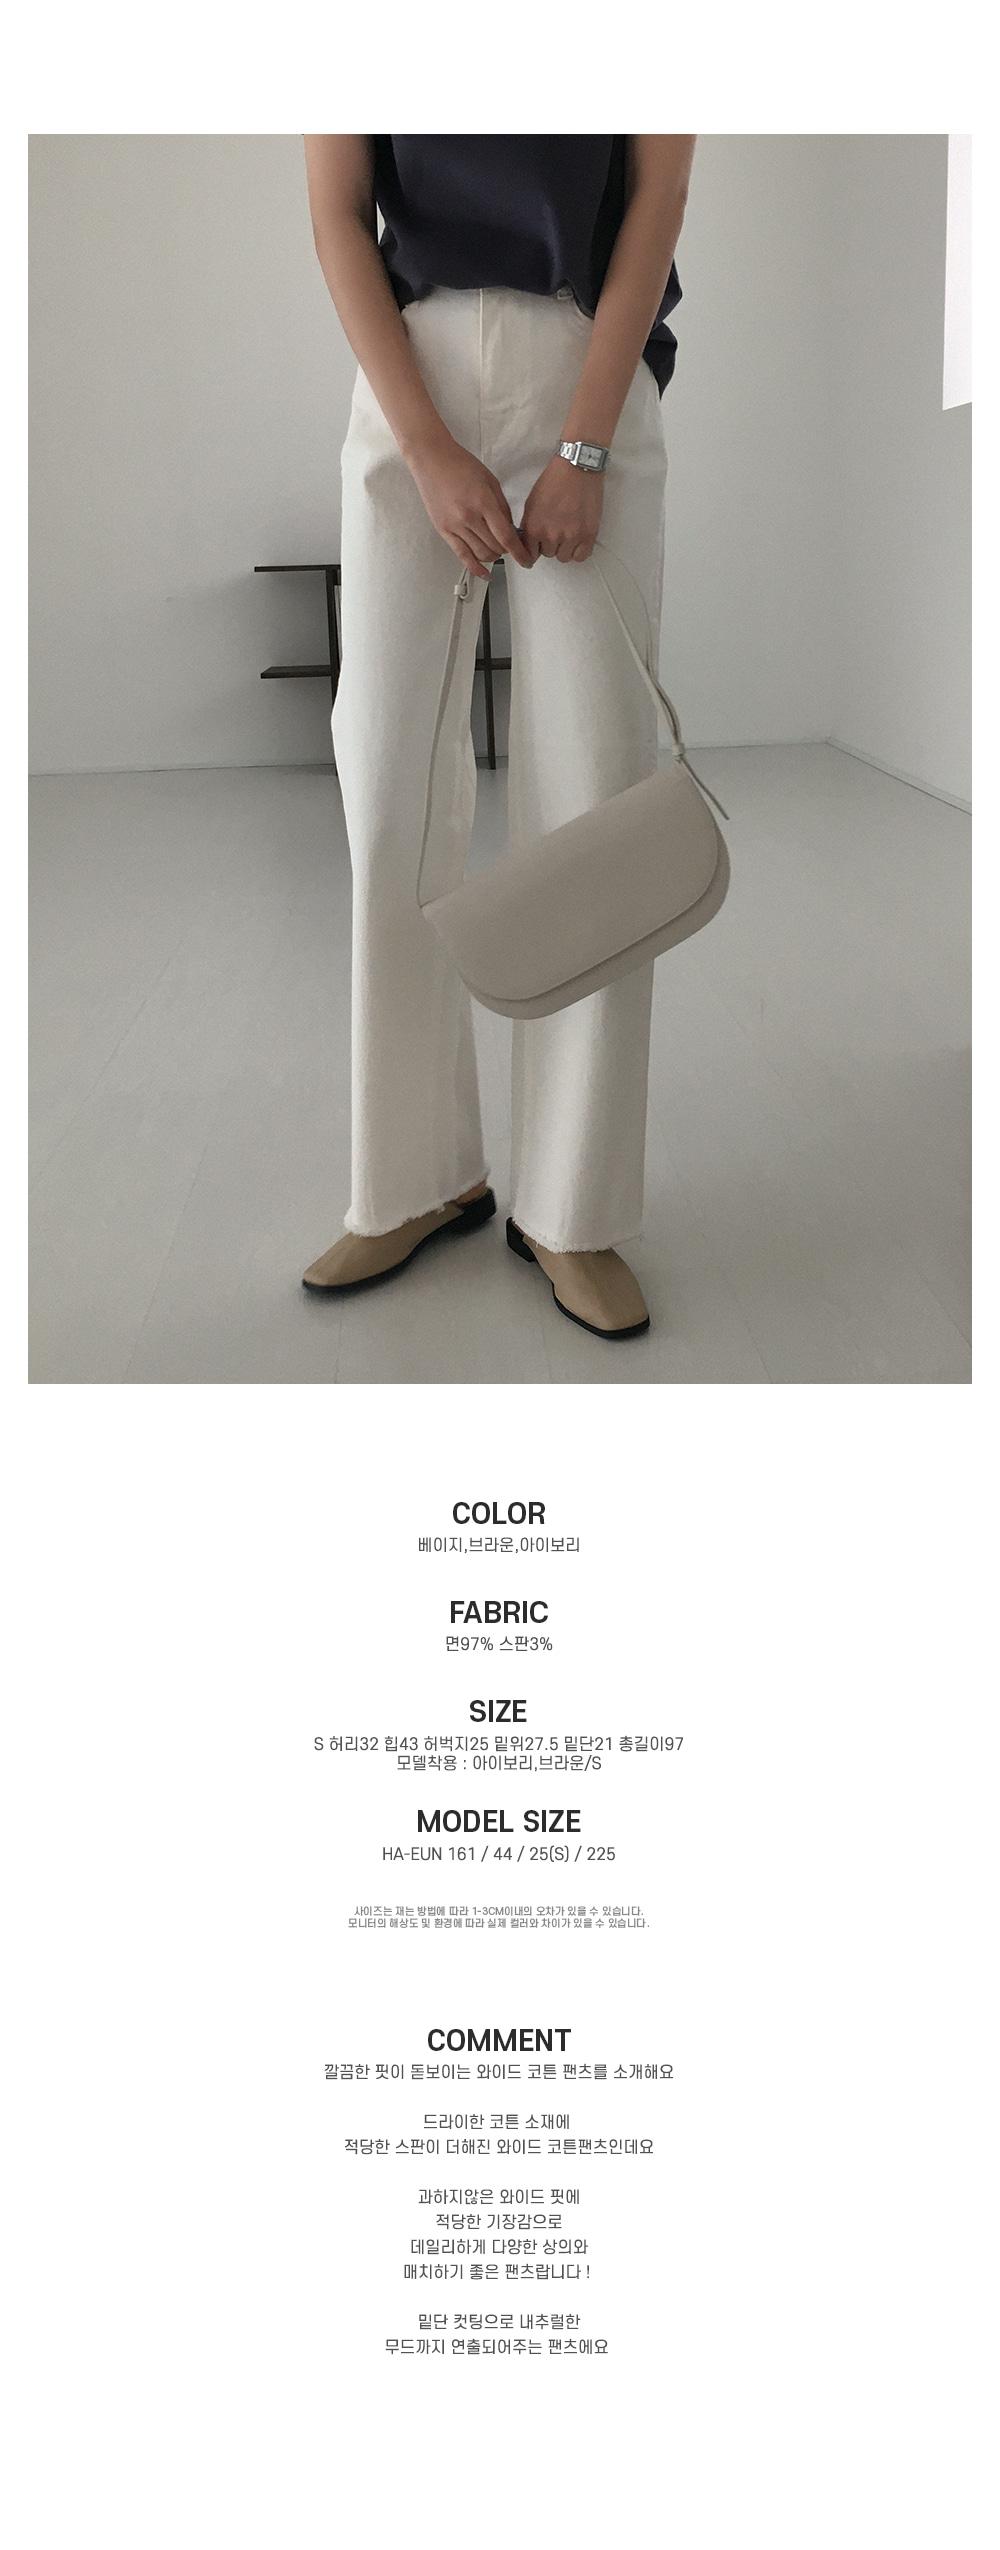 Ethyl wide cotton pants